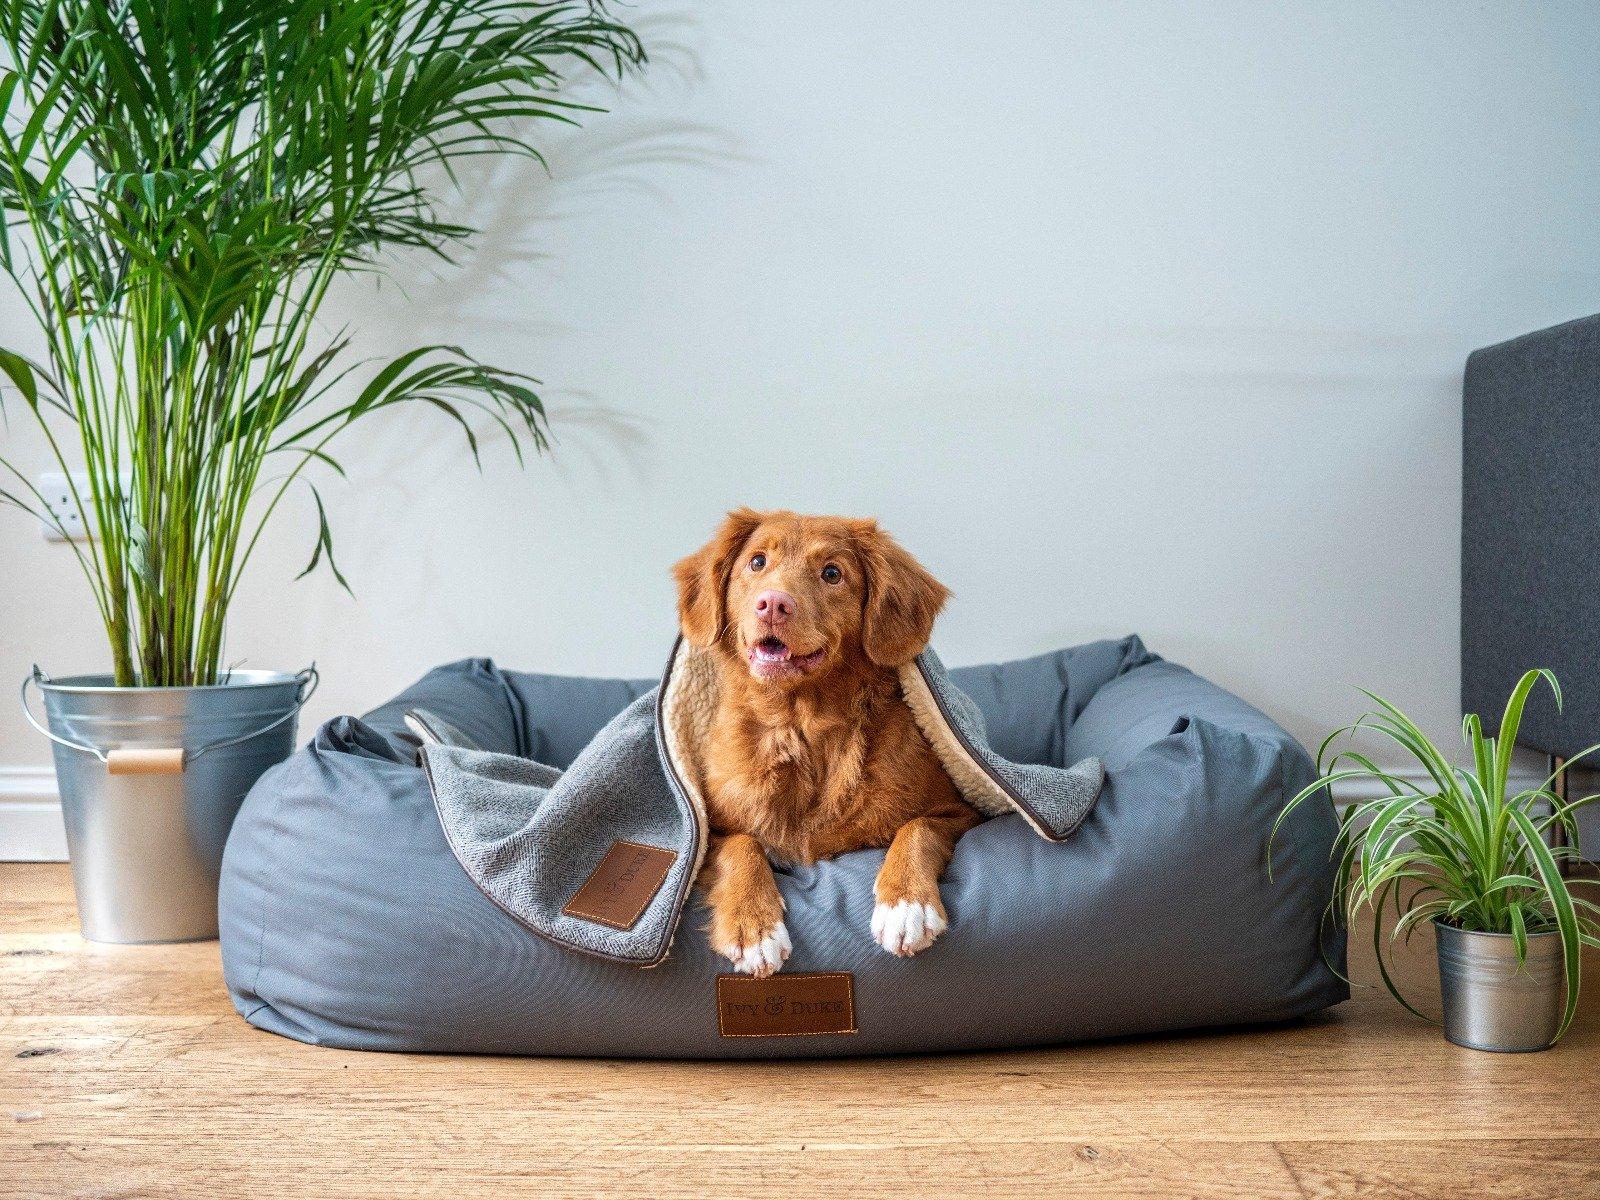 Brauner Hund liegt im Körbchen mit Decke zugedeckt